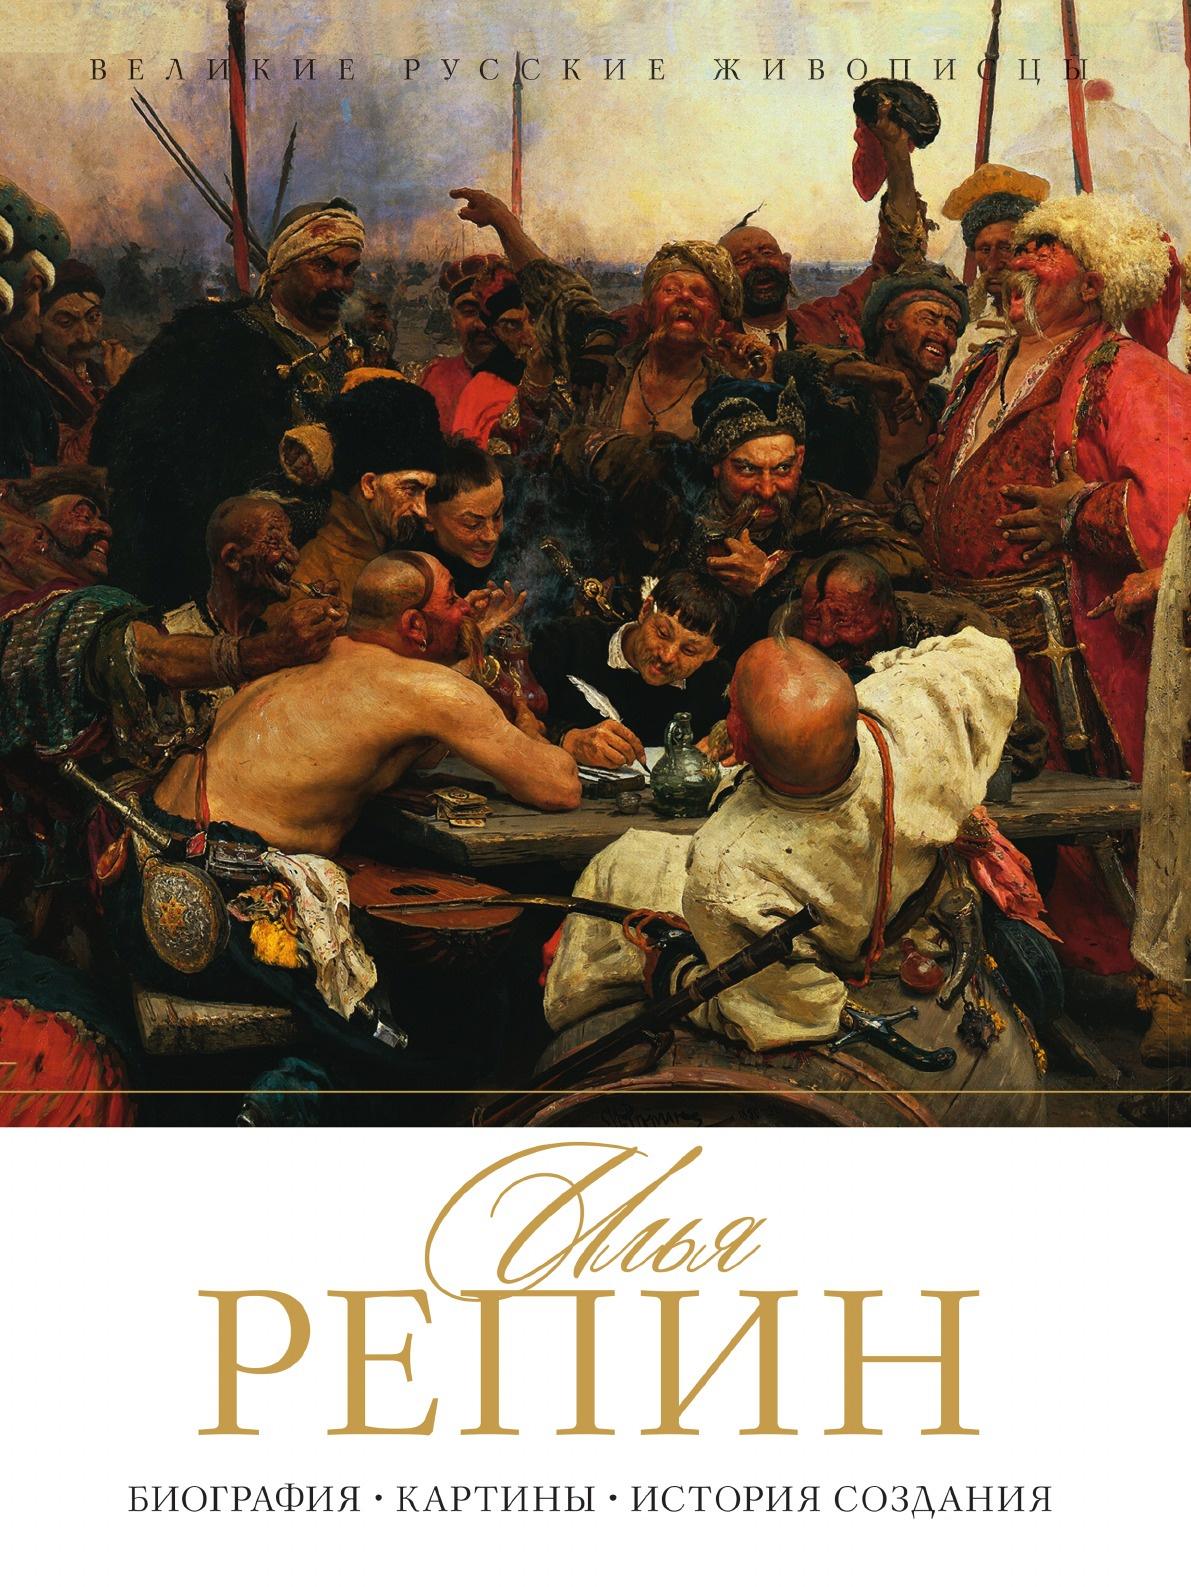 Орлова Елизавета Илья Репин. Биография, картины, история создания